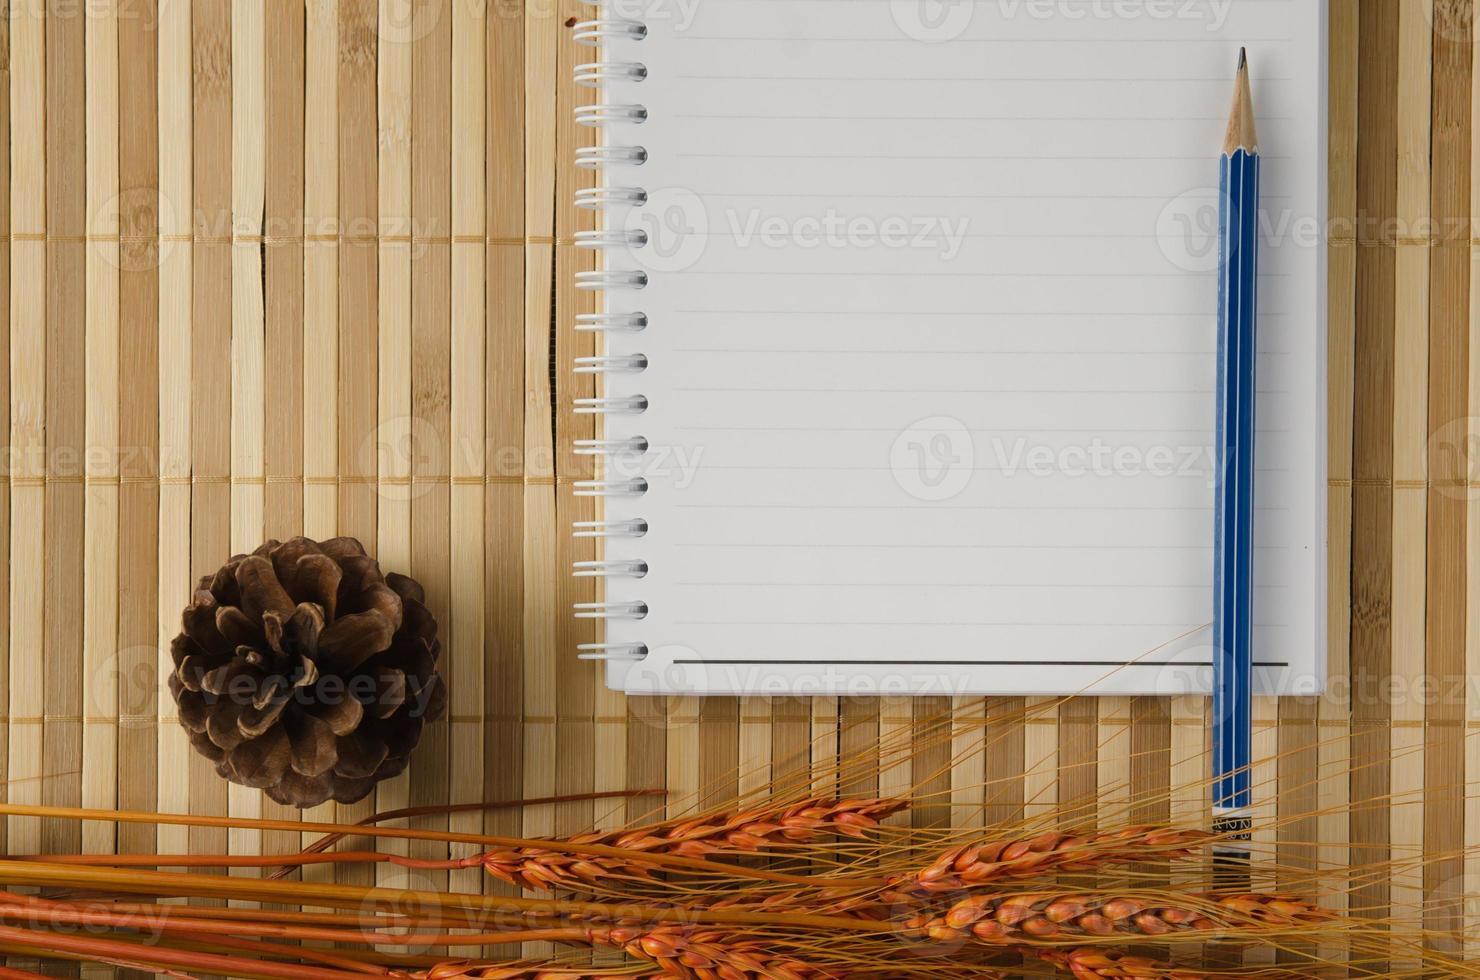 bloc-notes bloc-notes à spirale vierge photo